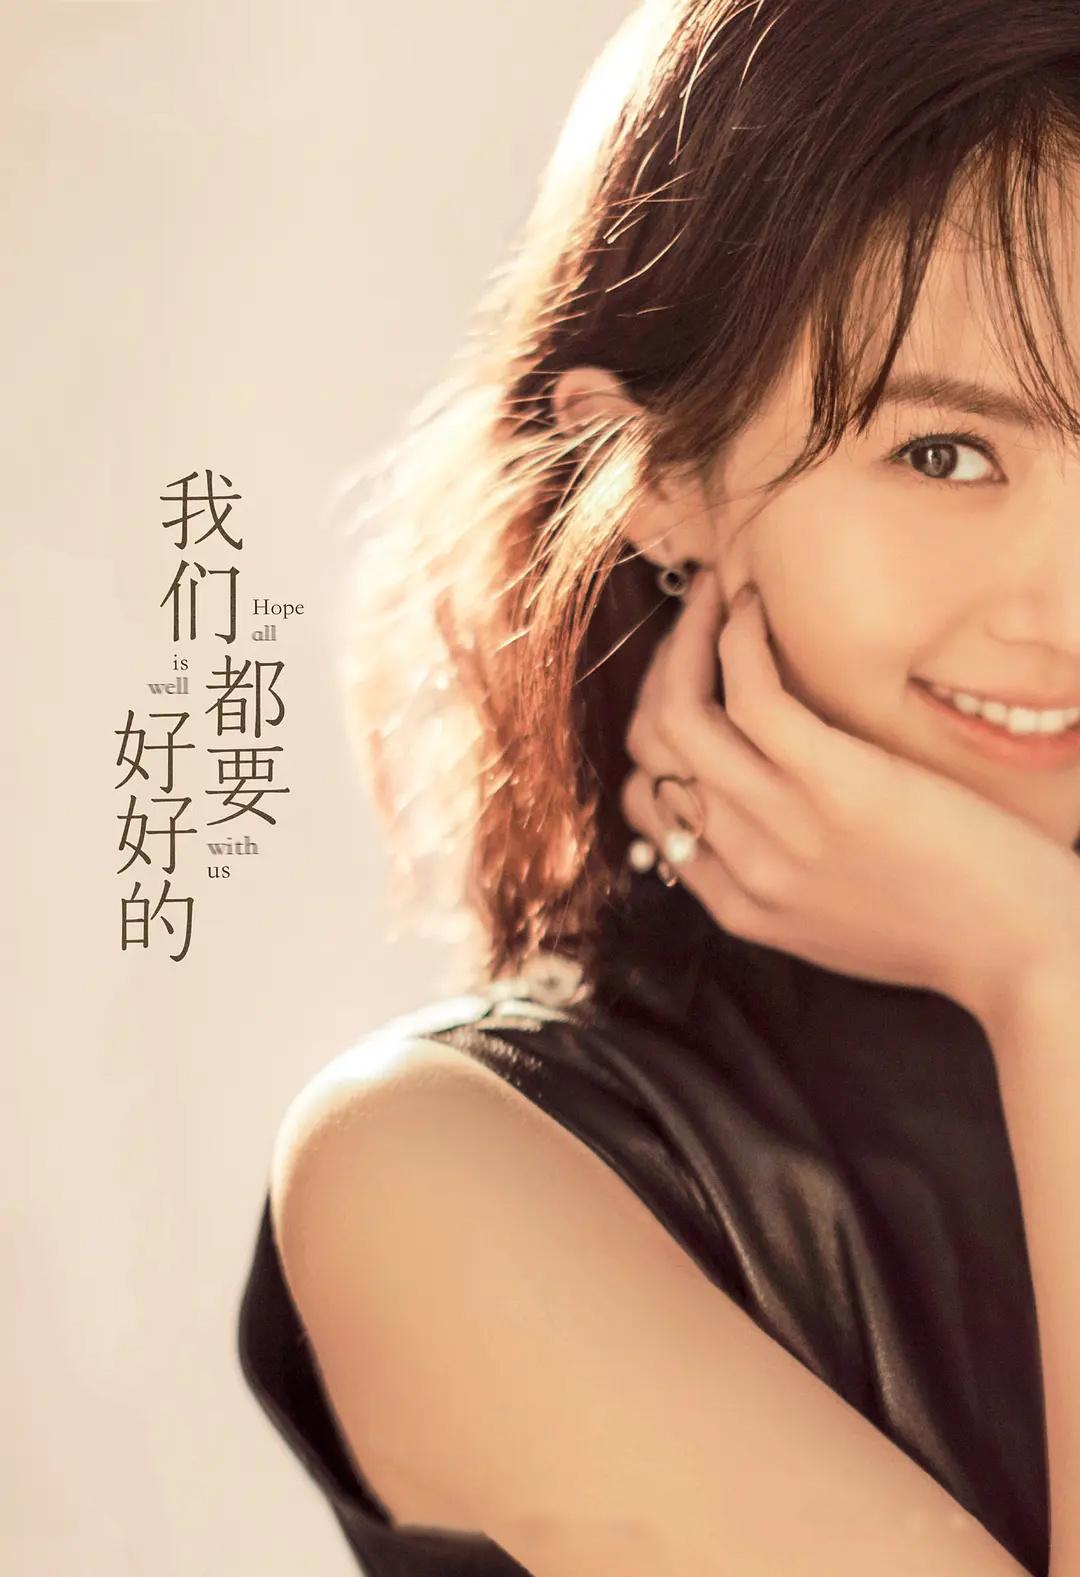 刘涛主演《我们都要好好的》,海报设计师一定是白小洁的粉丝